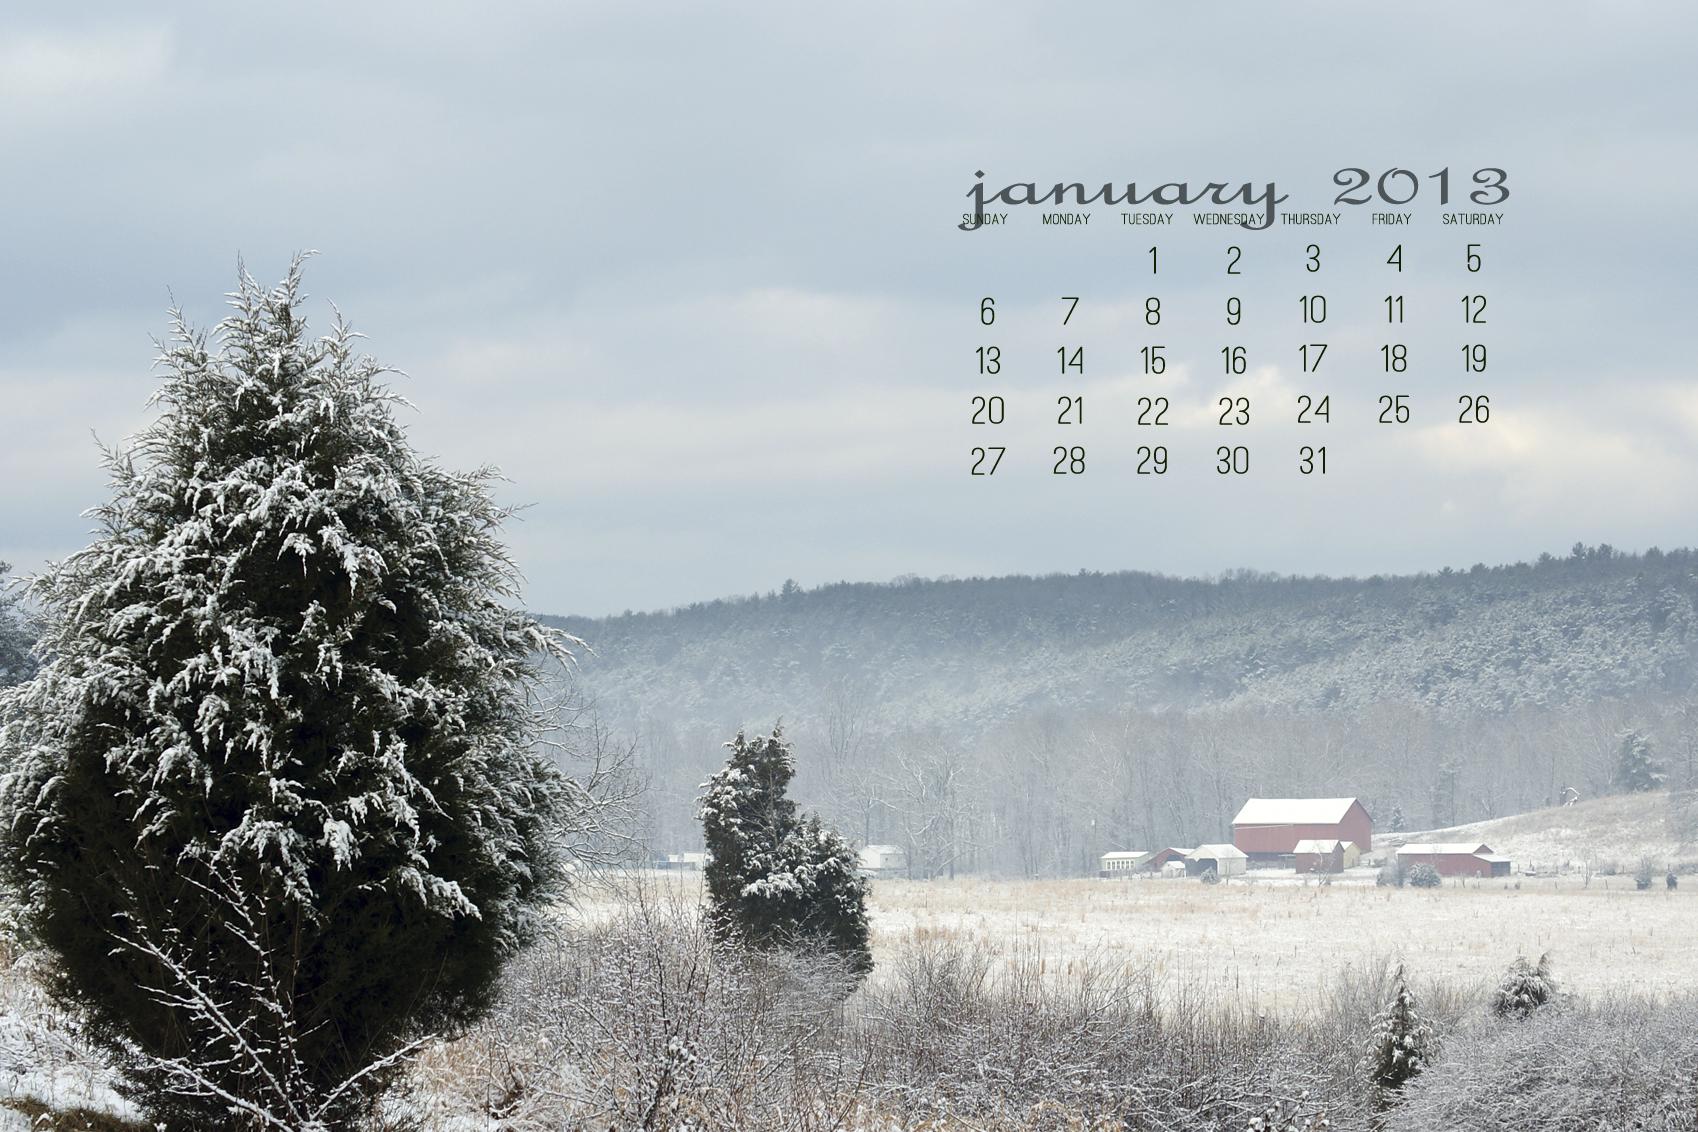 Desktop Wallpaper Calendar 2016 1698x1132